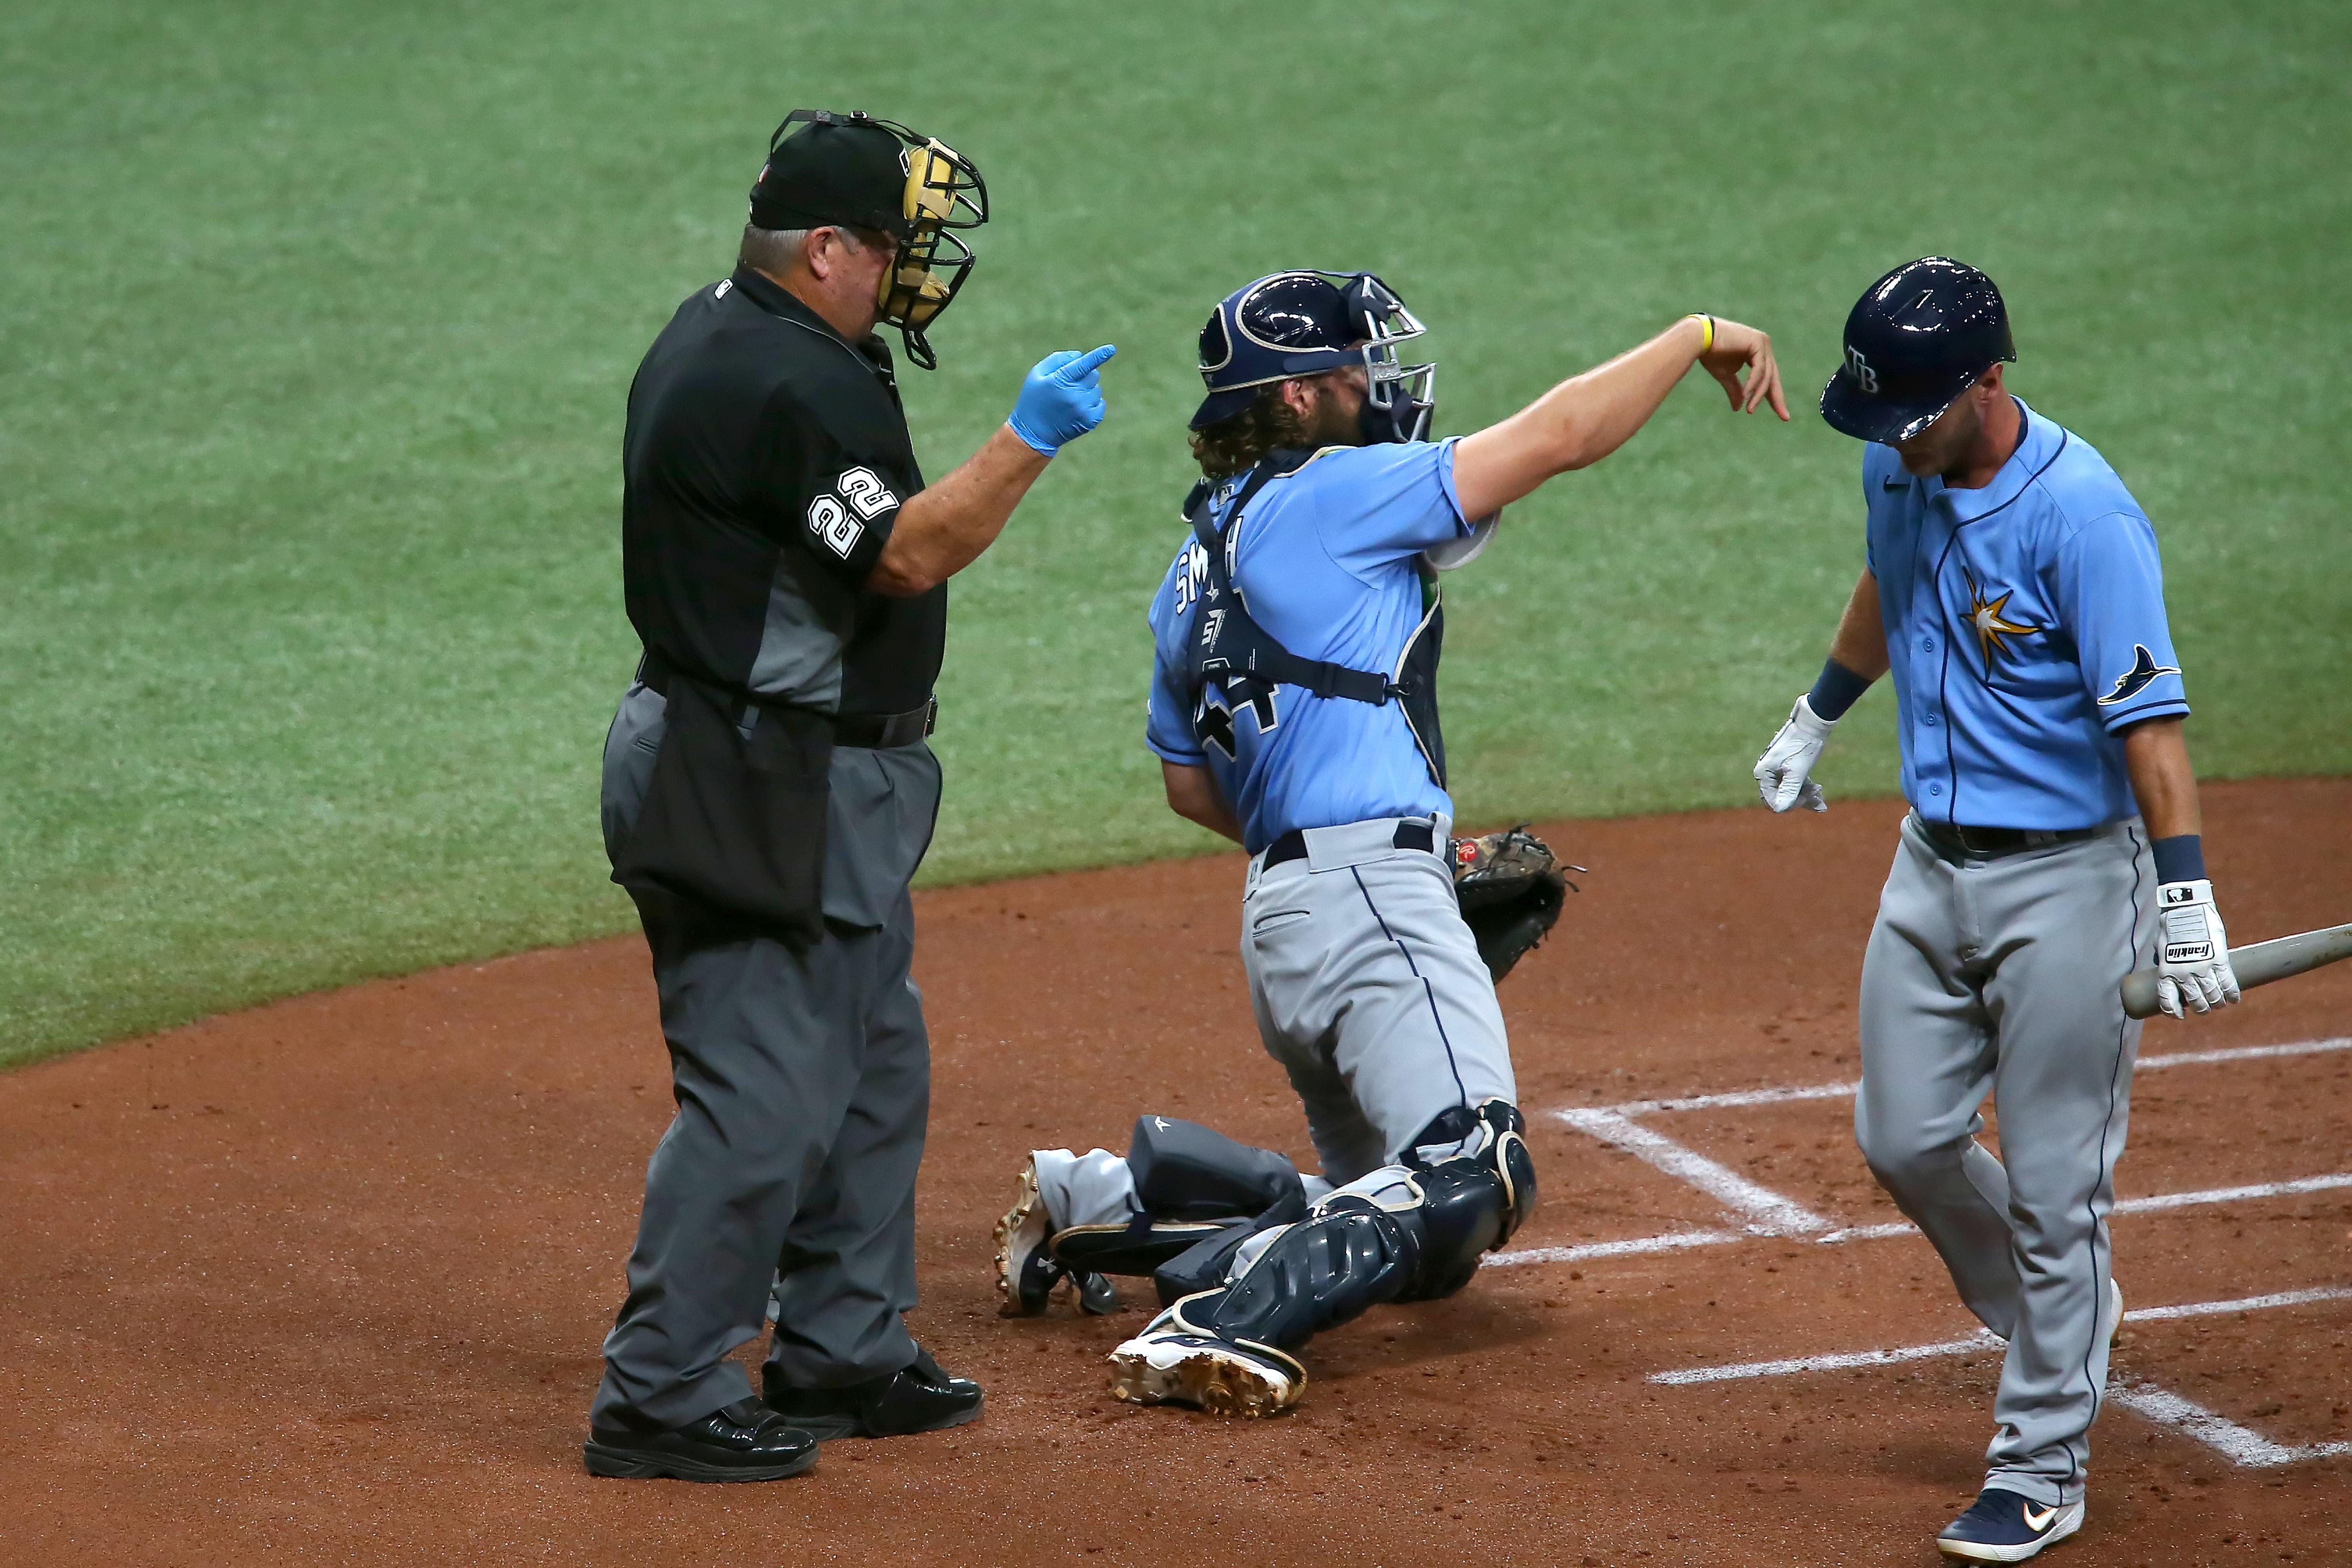 MLB: JUL 13 Rays Summer Camp